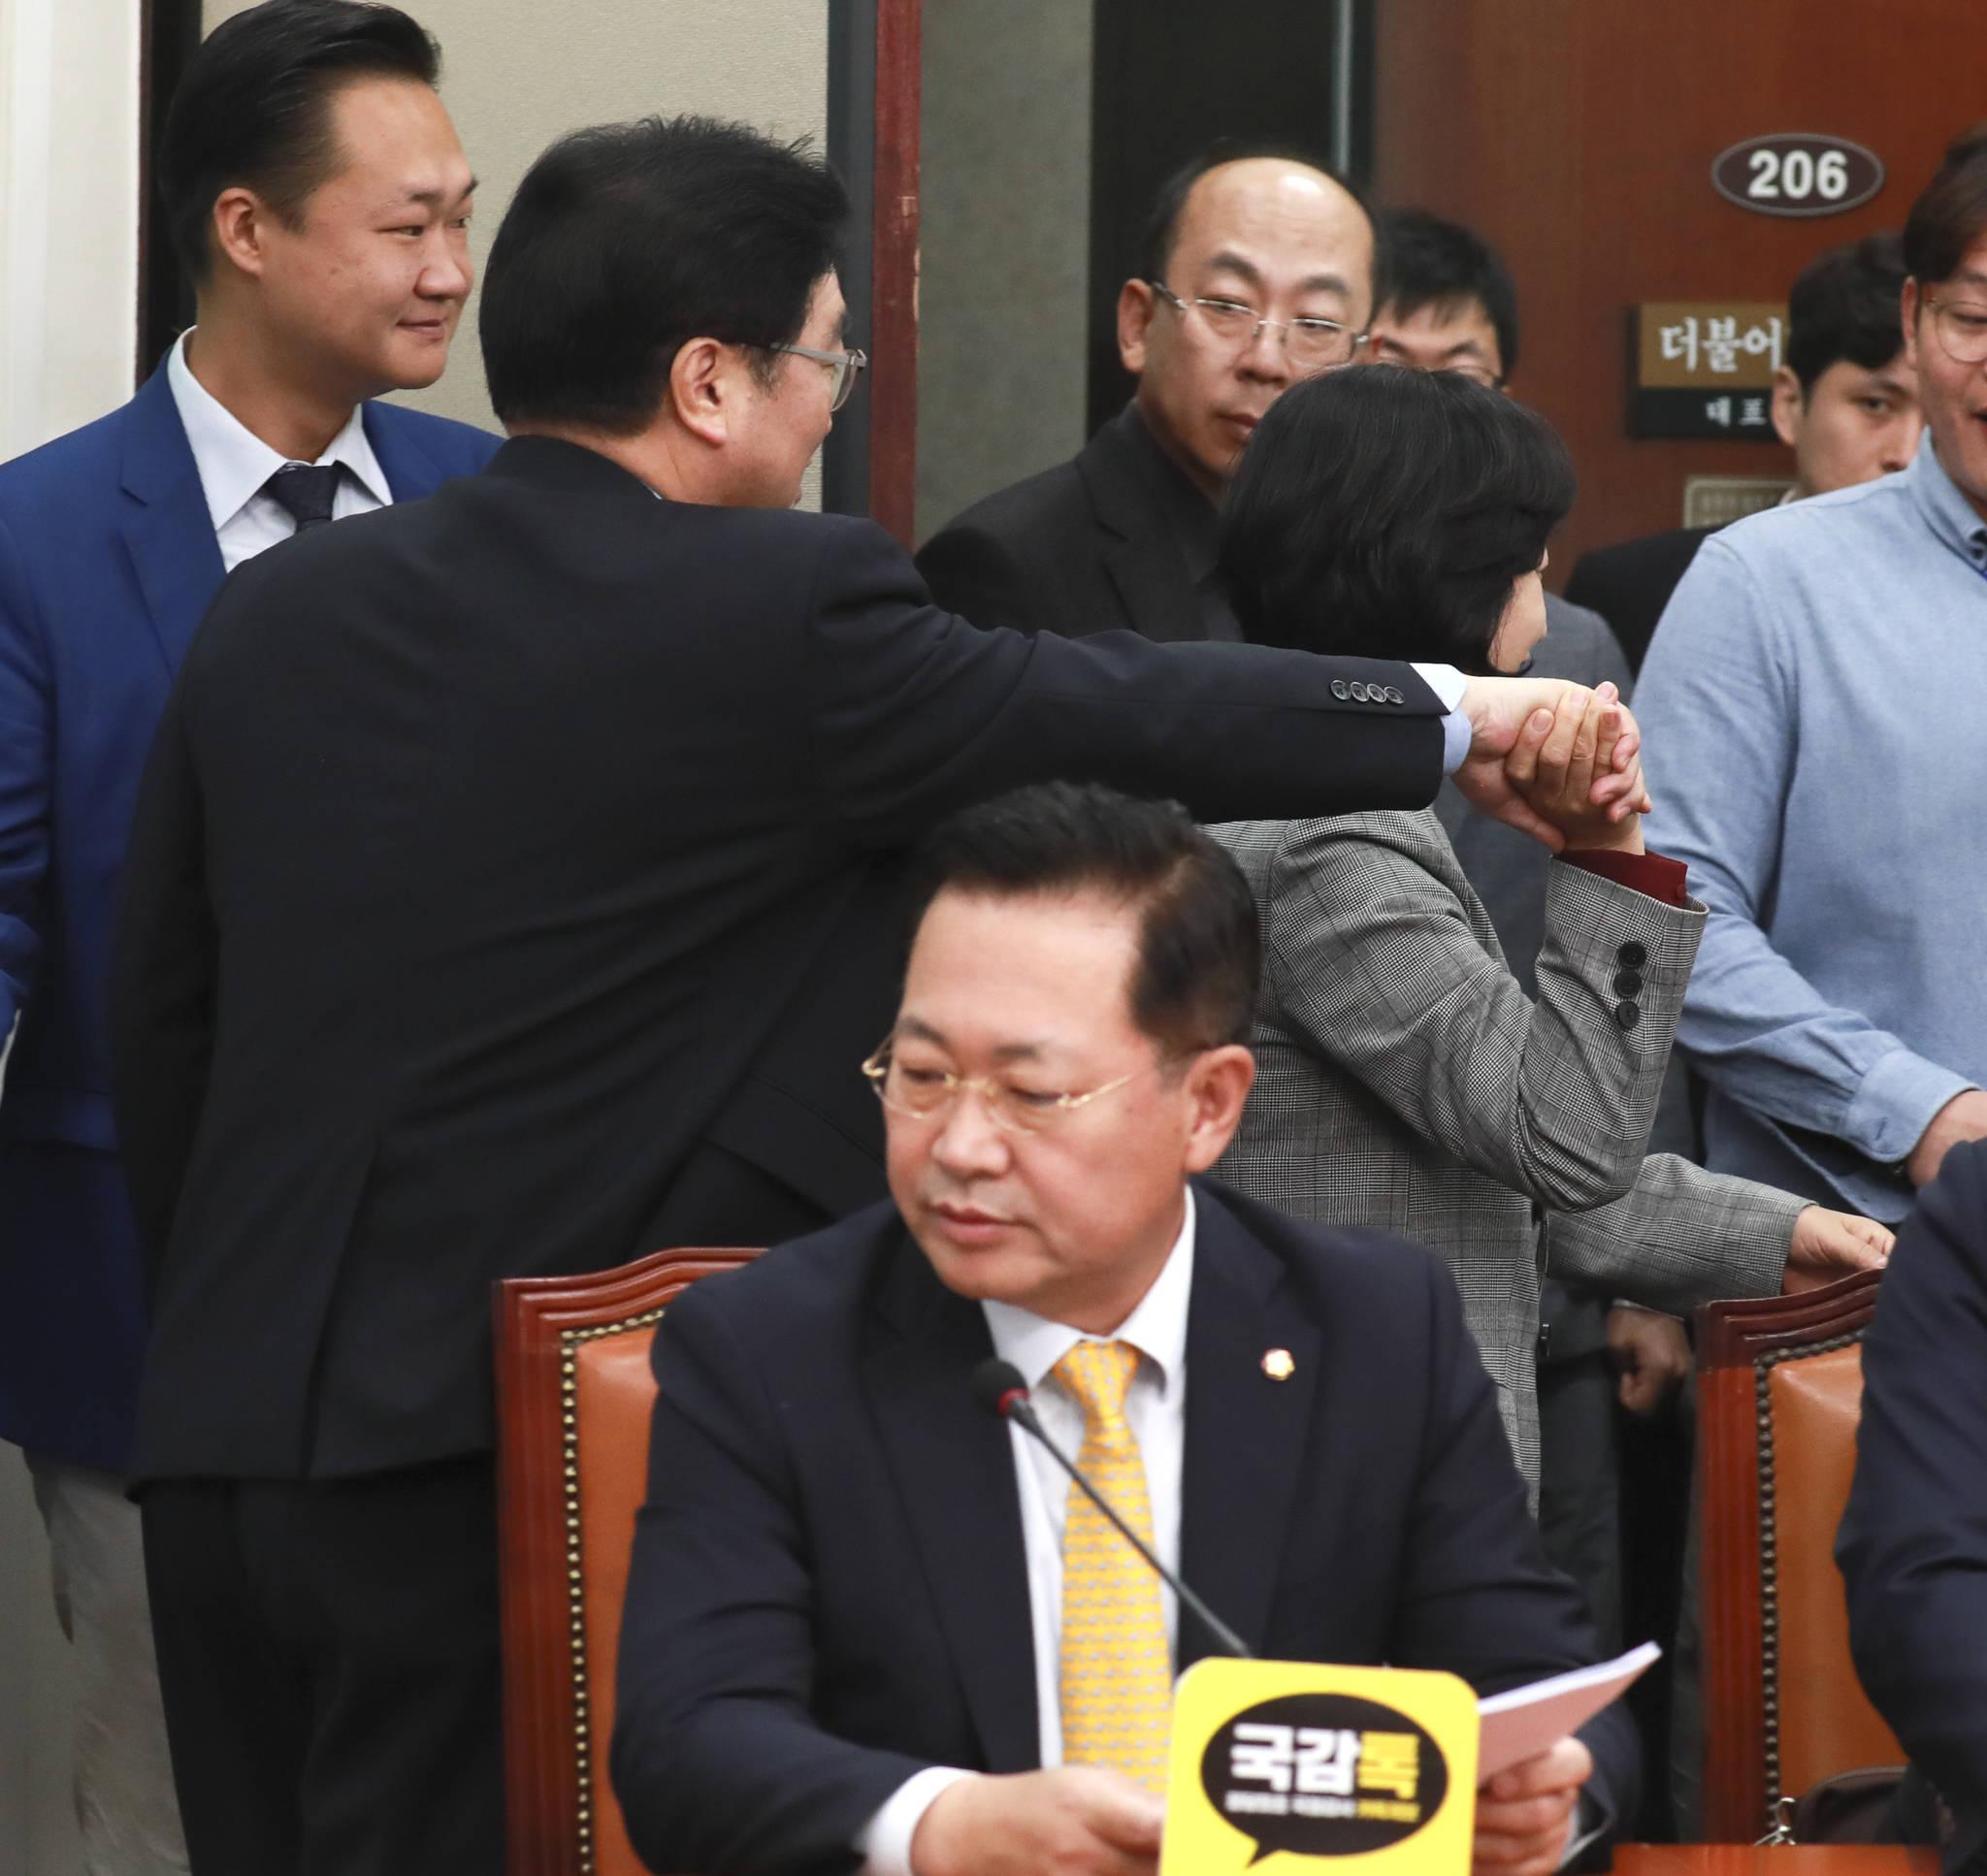 추미애 대표가 우원식 원내대표의 손을 잡고 밖으로 나가고 있다. 임현동 기자